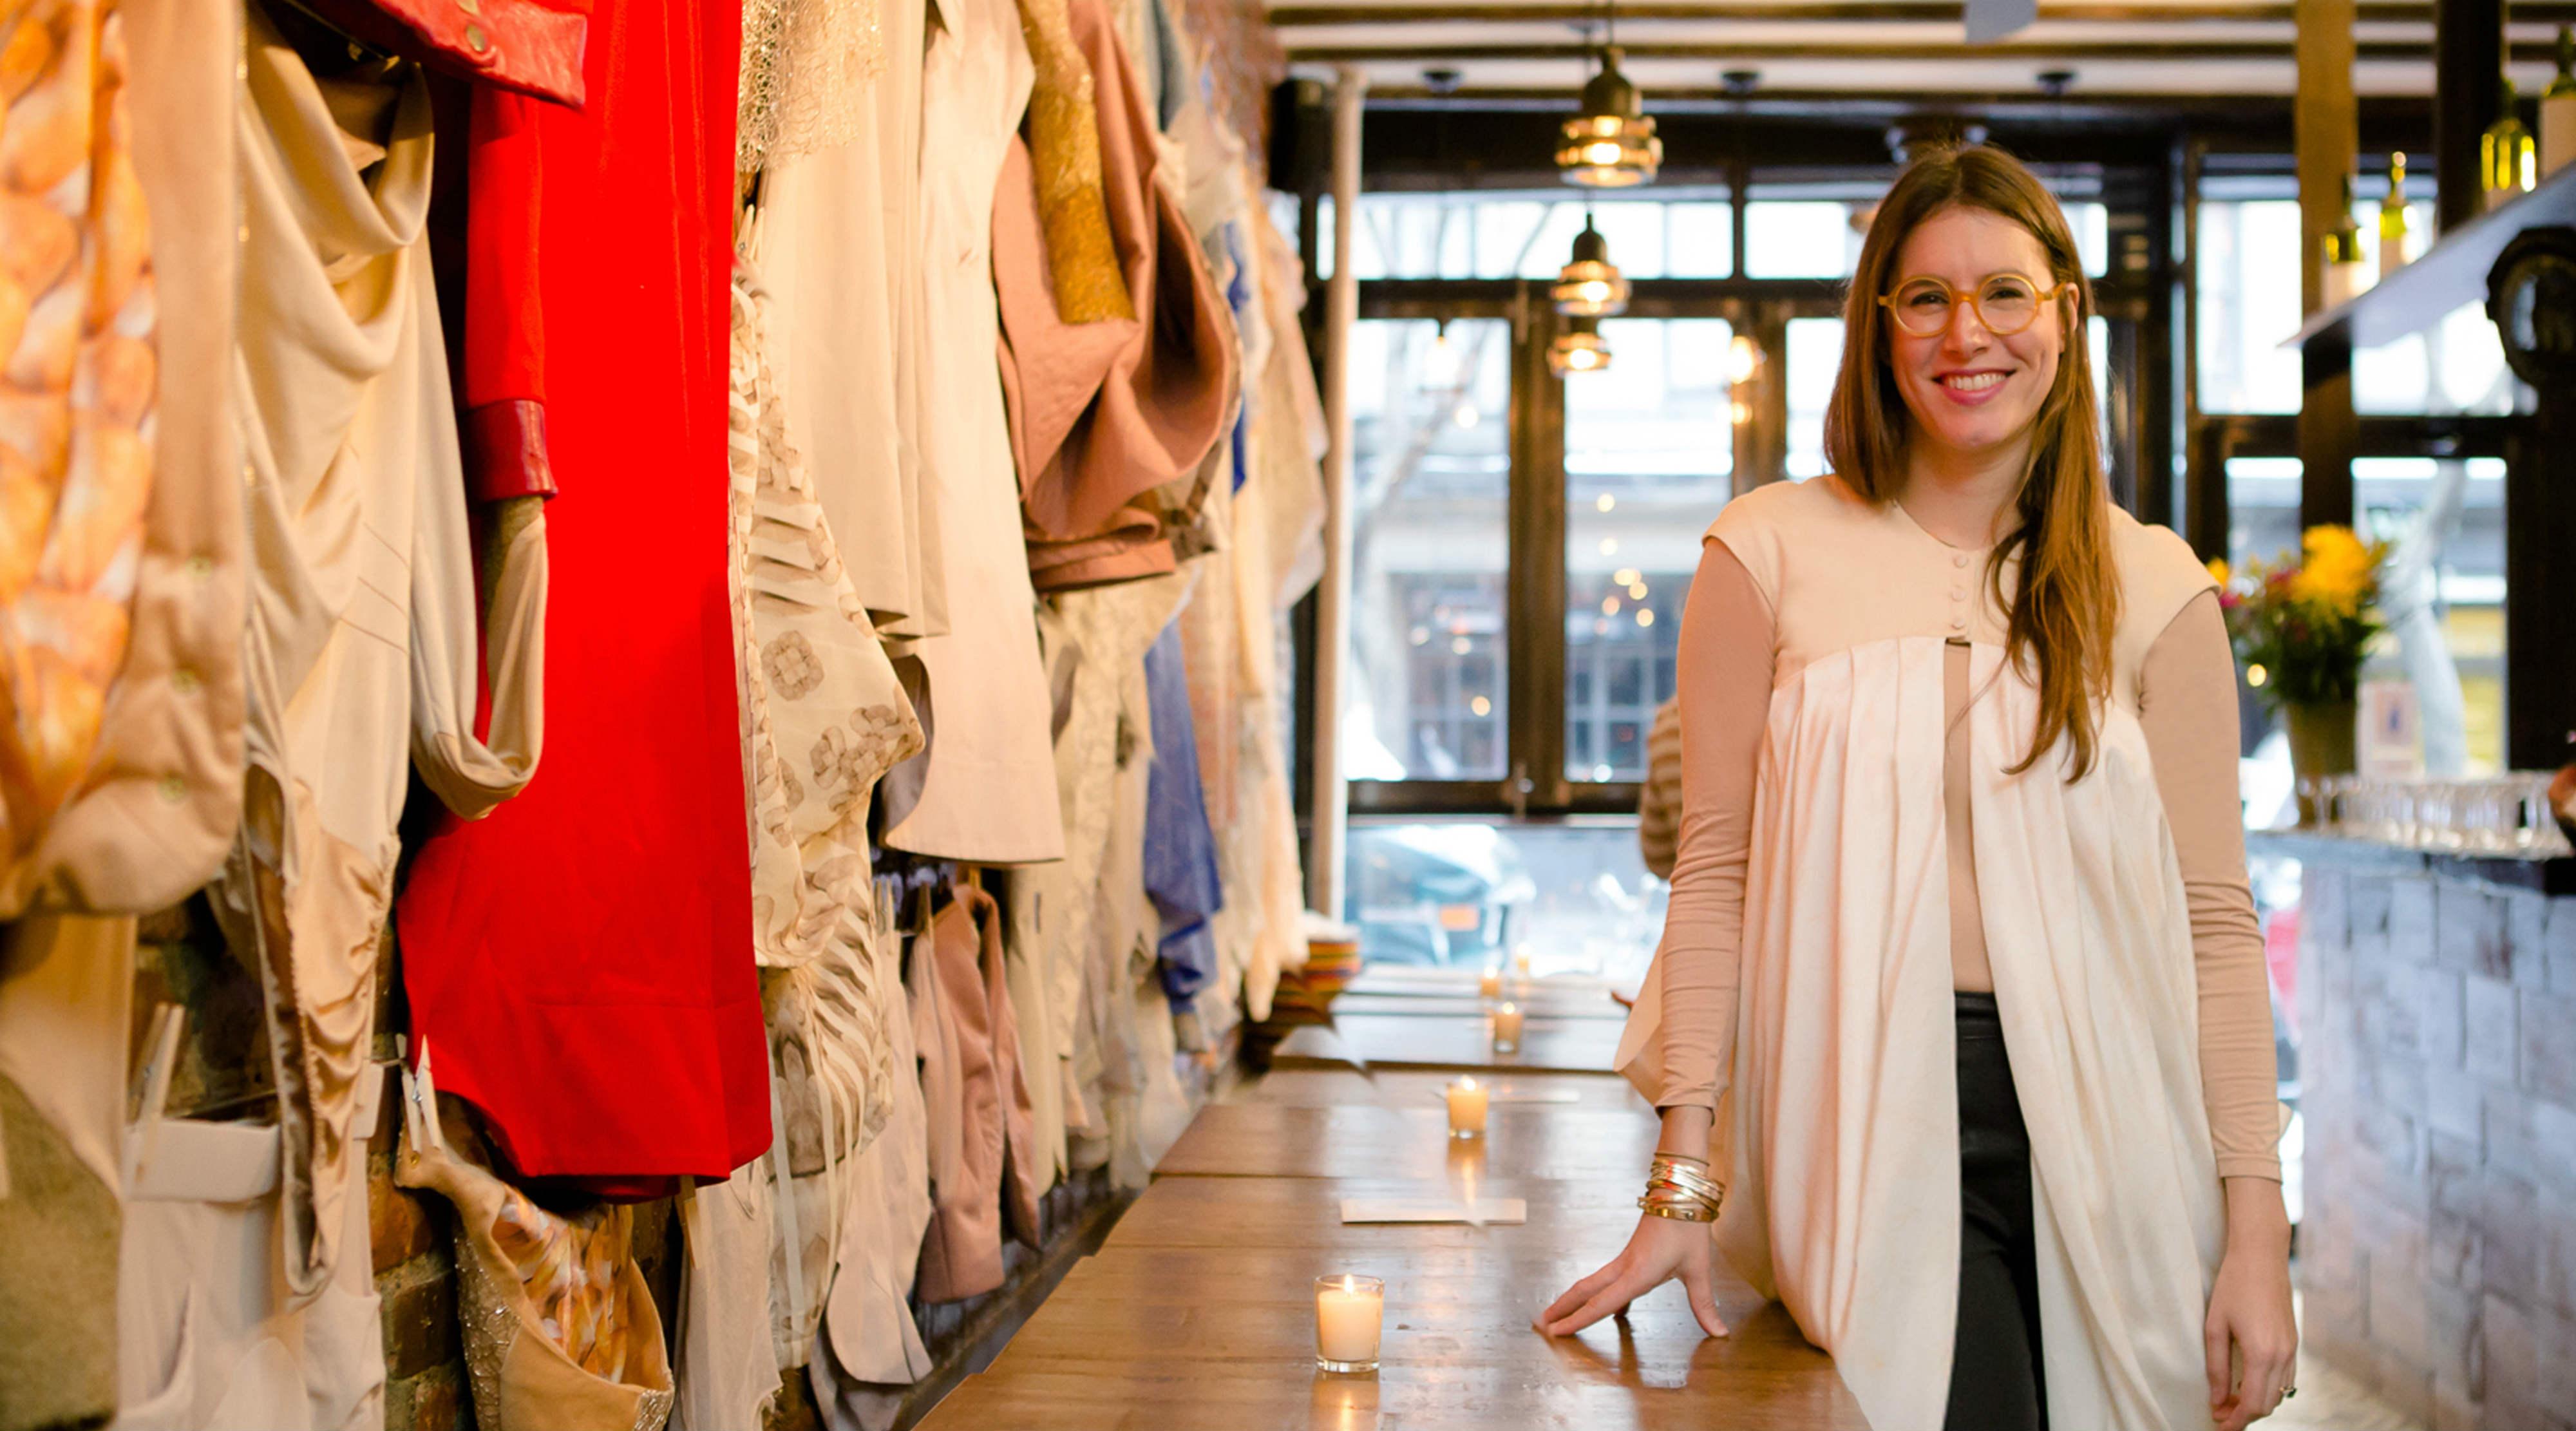 Alicia Reina: Moda Ética, Sostenible y Local